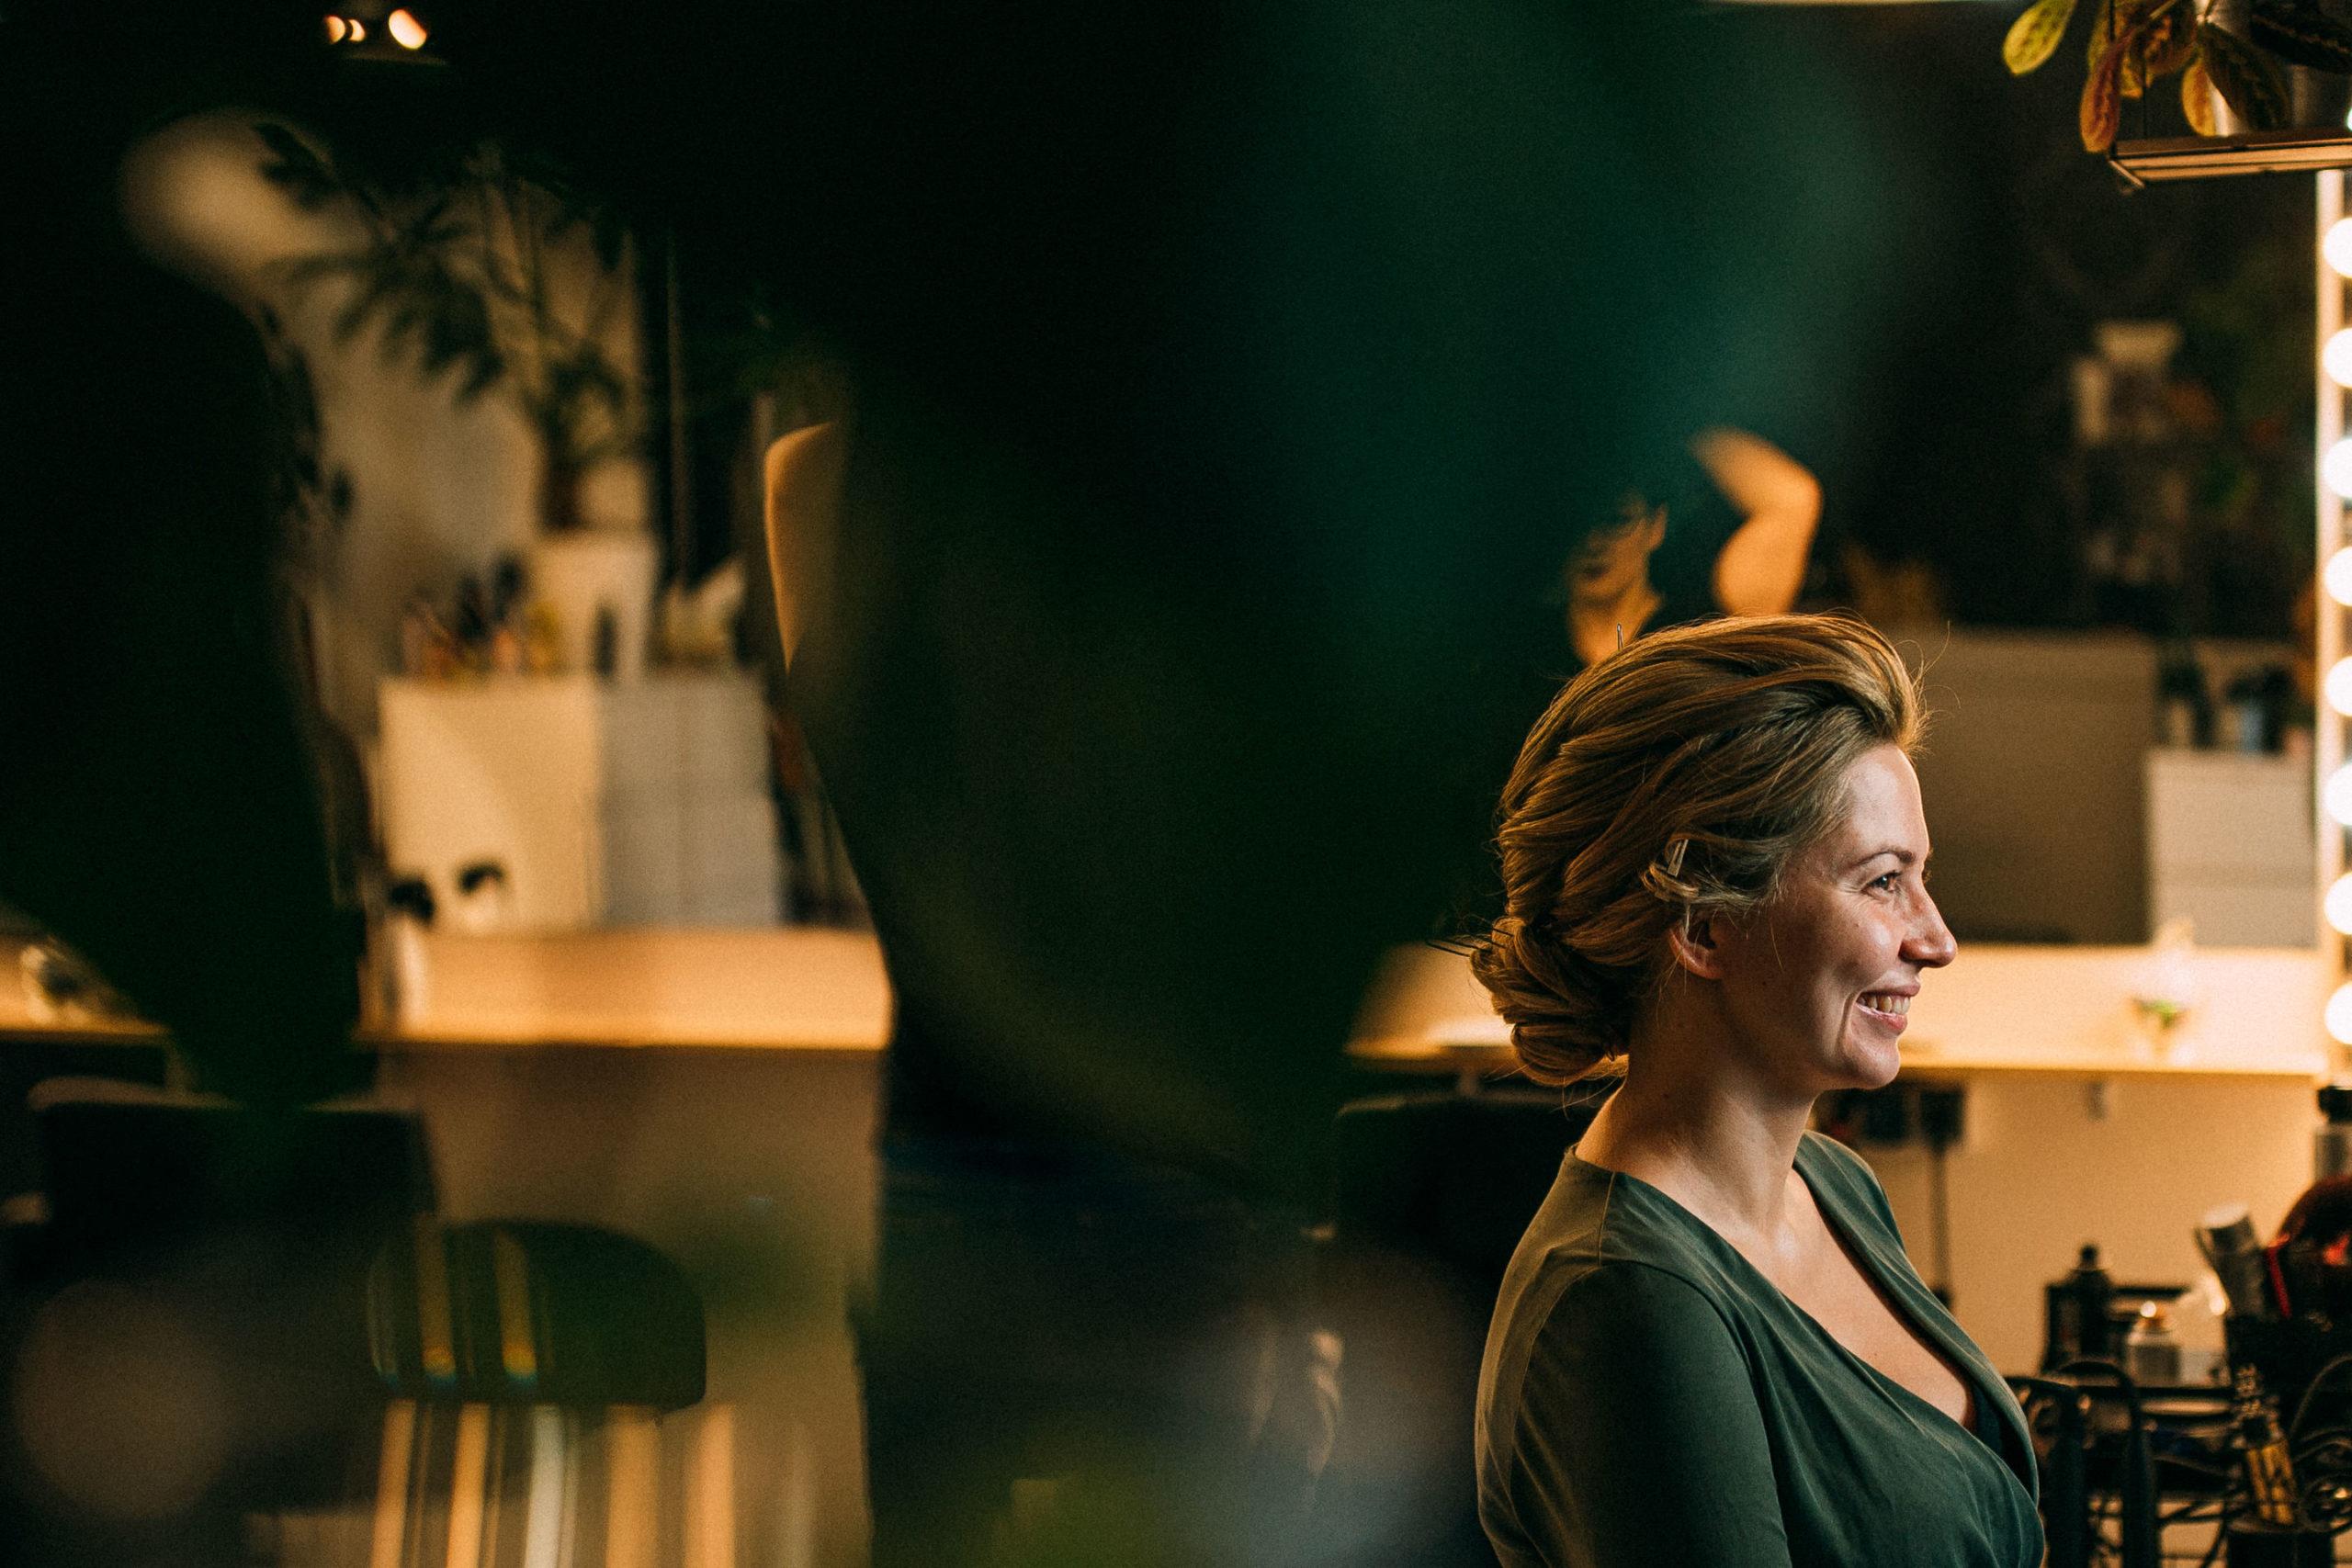 Hairdresser Zaczarowane Warkocze